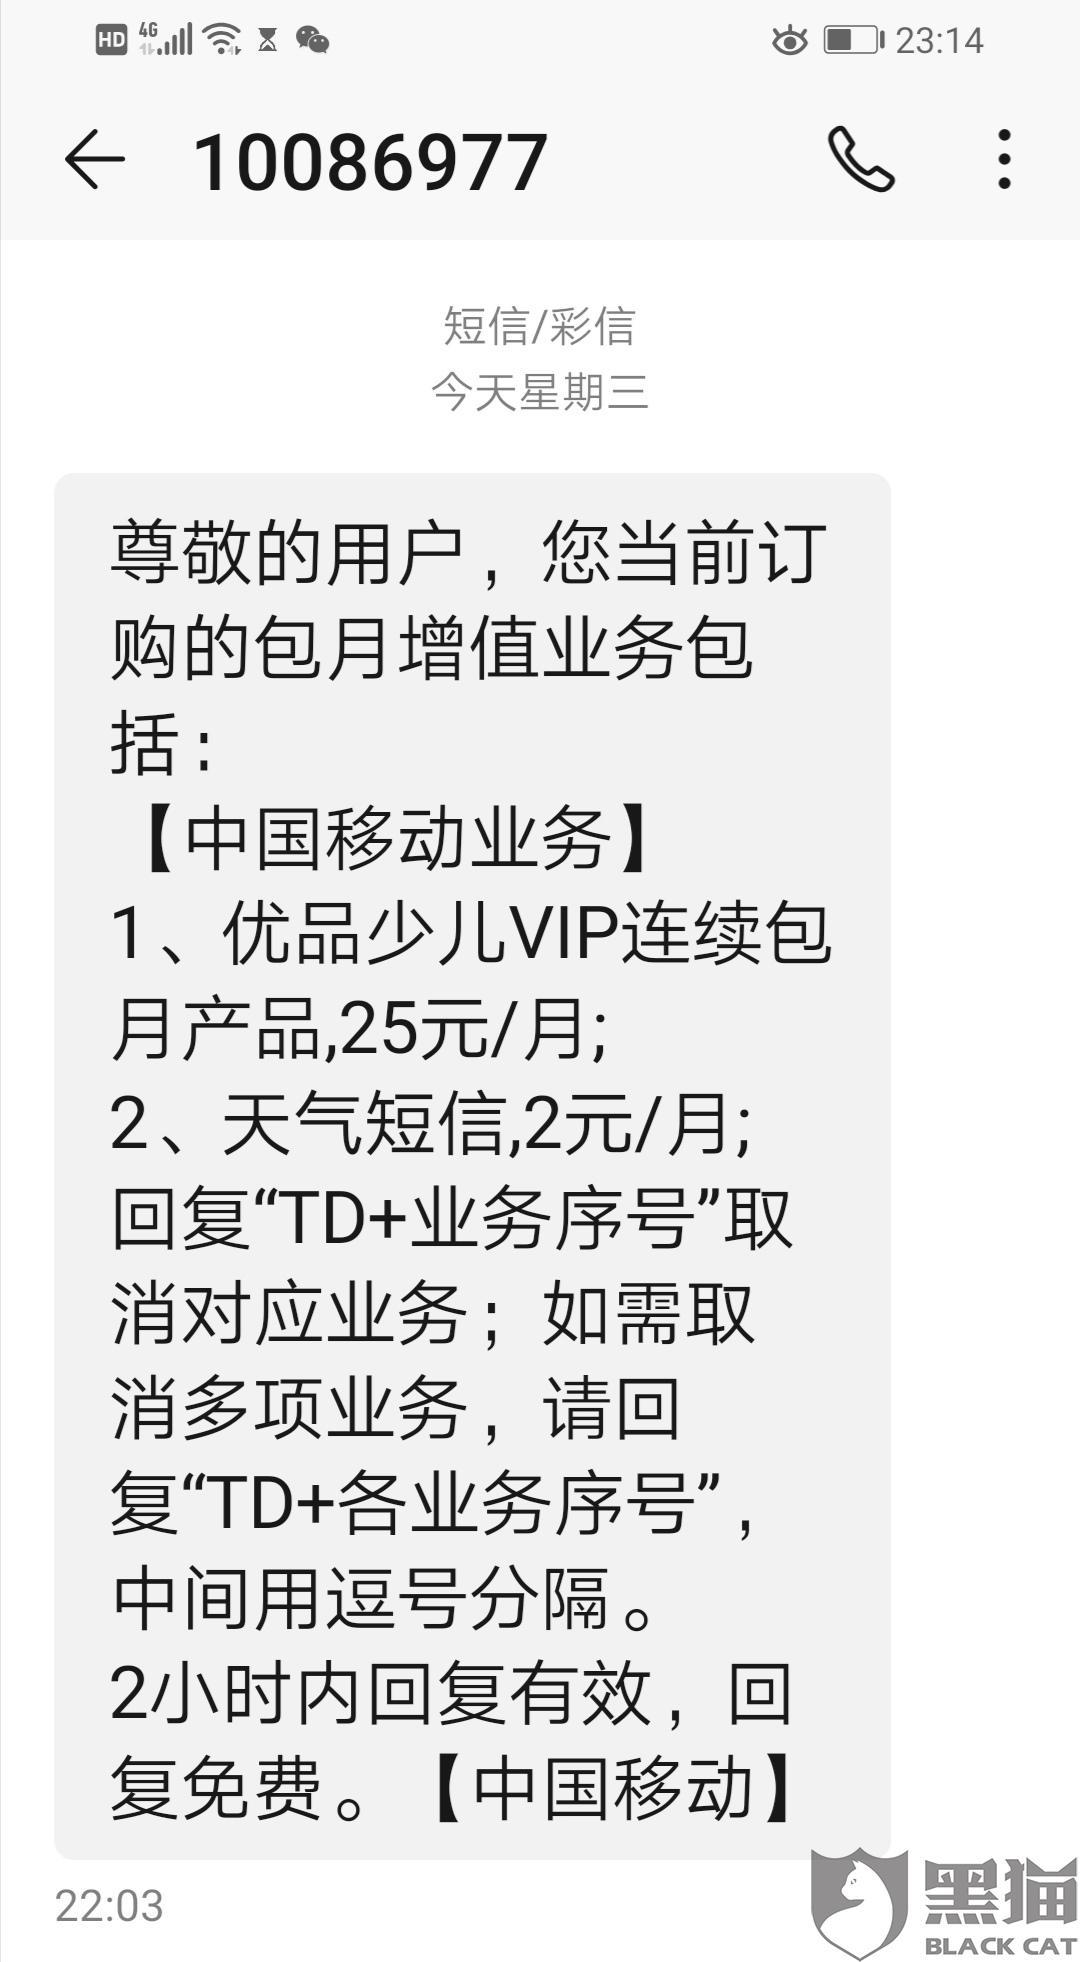 """黑猫投诉:中国移动未经本人同意擅自订购""""优品少儿VIP连续包月产品"""",强烈要求道歉赔偿!"""